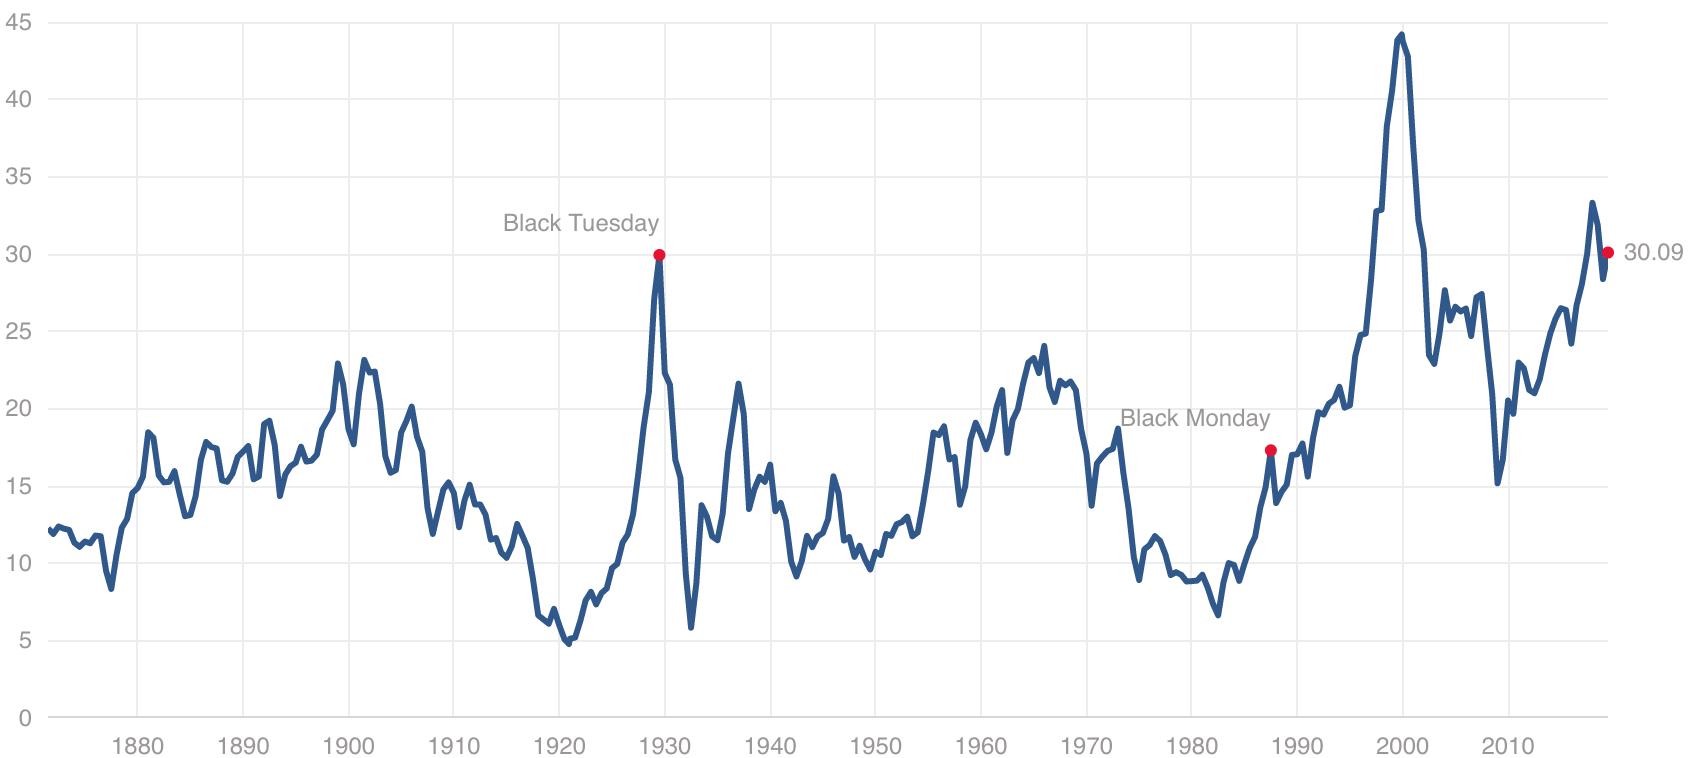 Shiller P/E Ratio 2019